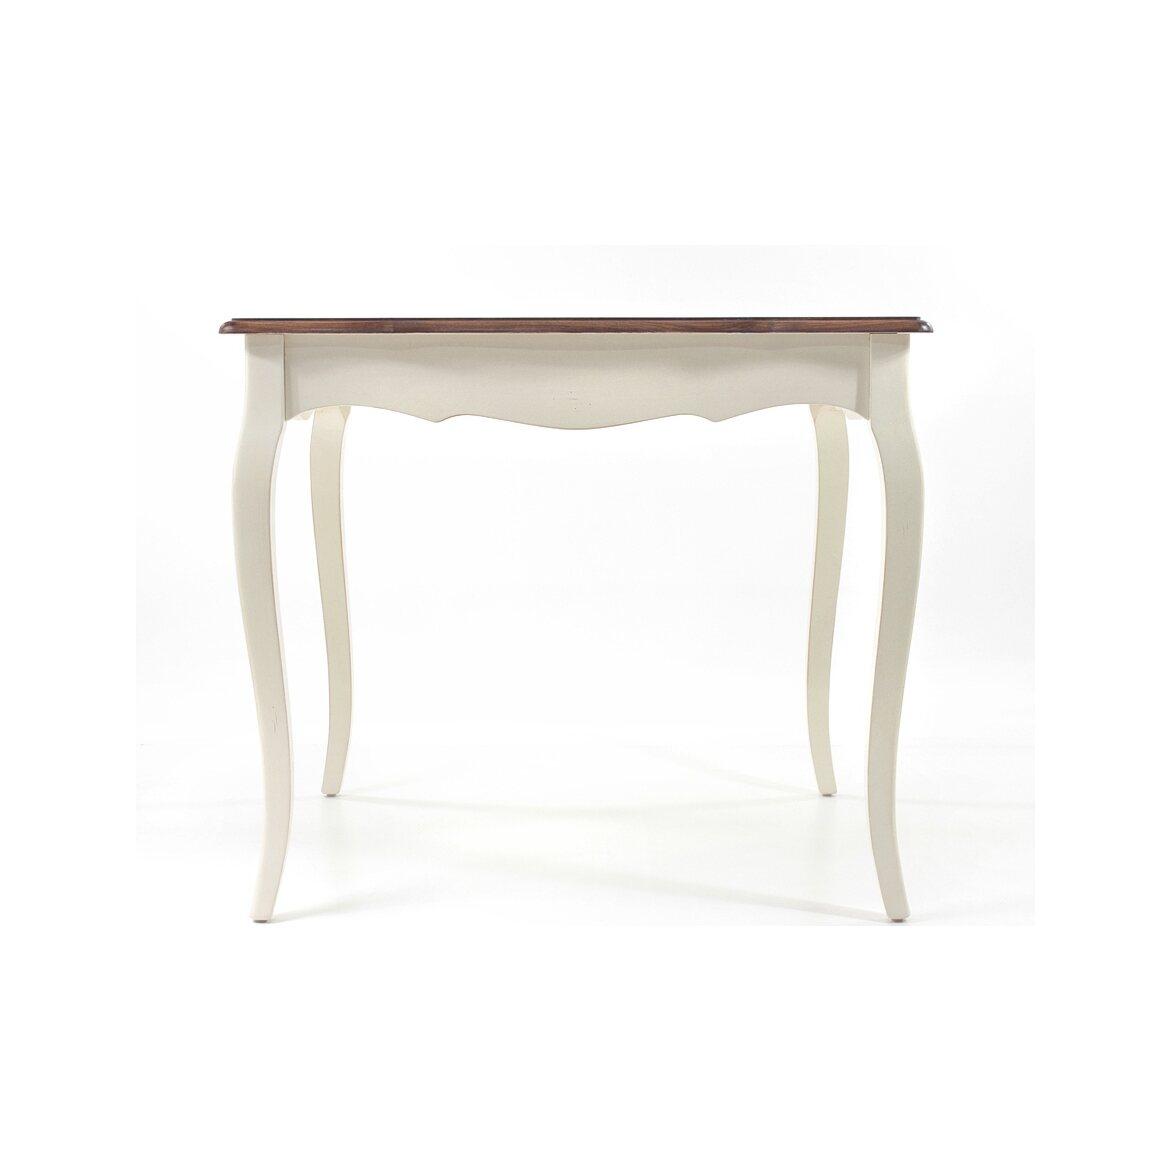 Обеденный стол (квадратный) Leontina, бежевого цвета   Обеденные столы Kingsby